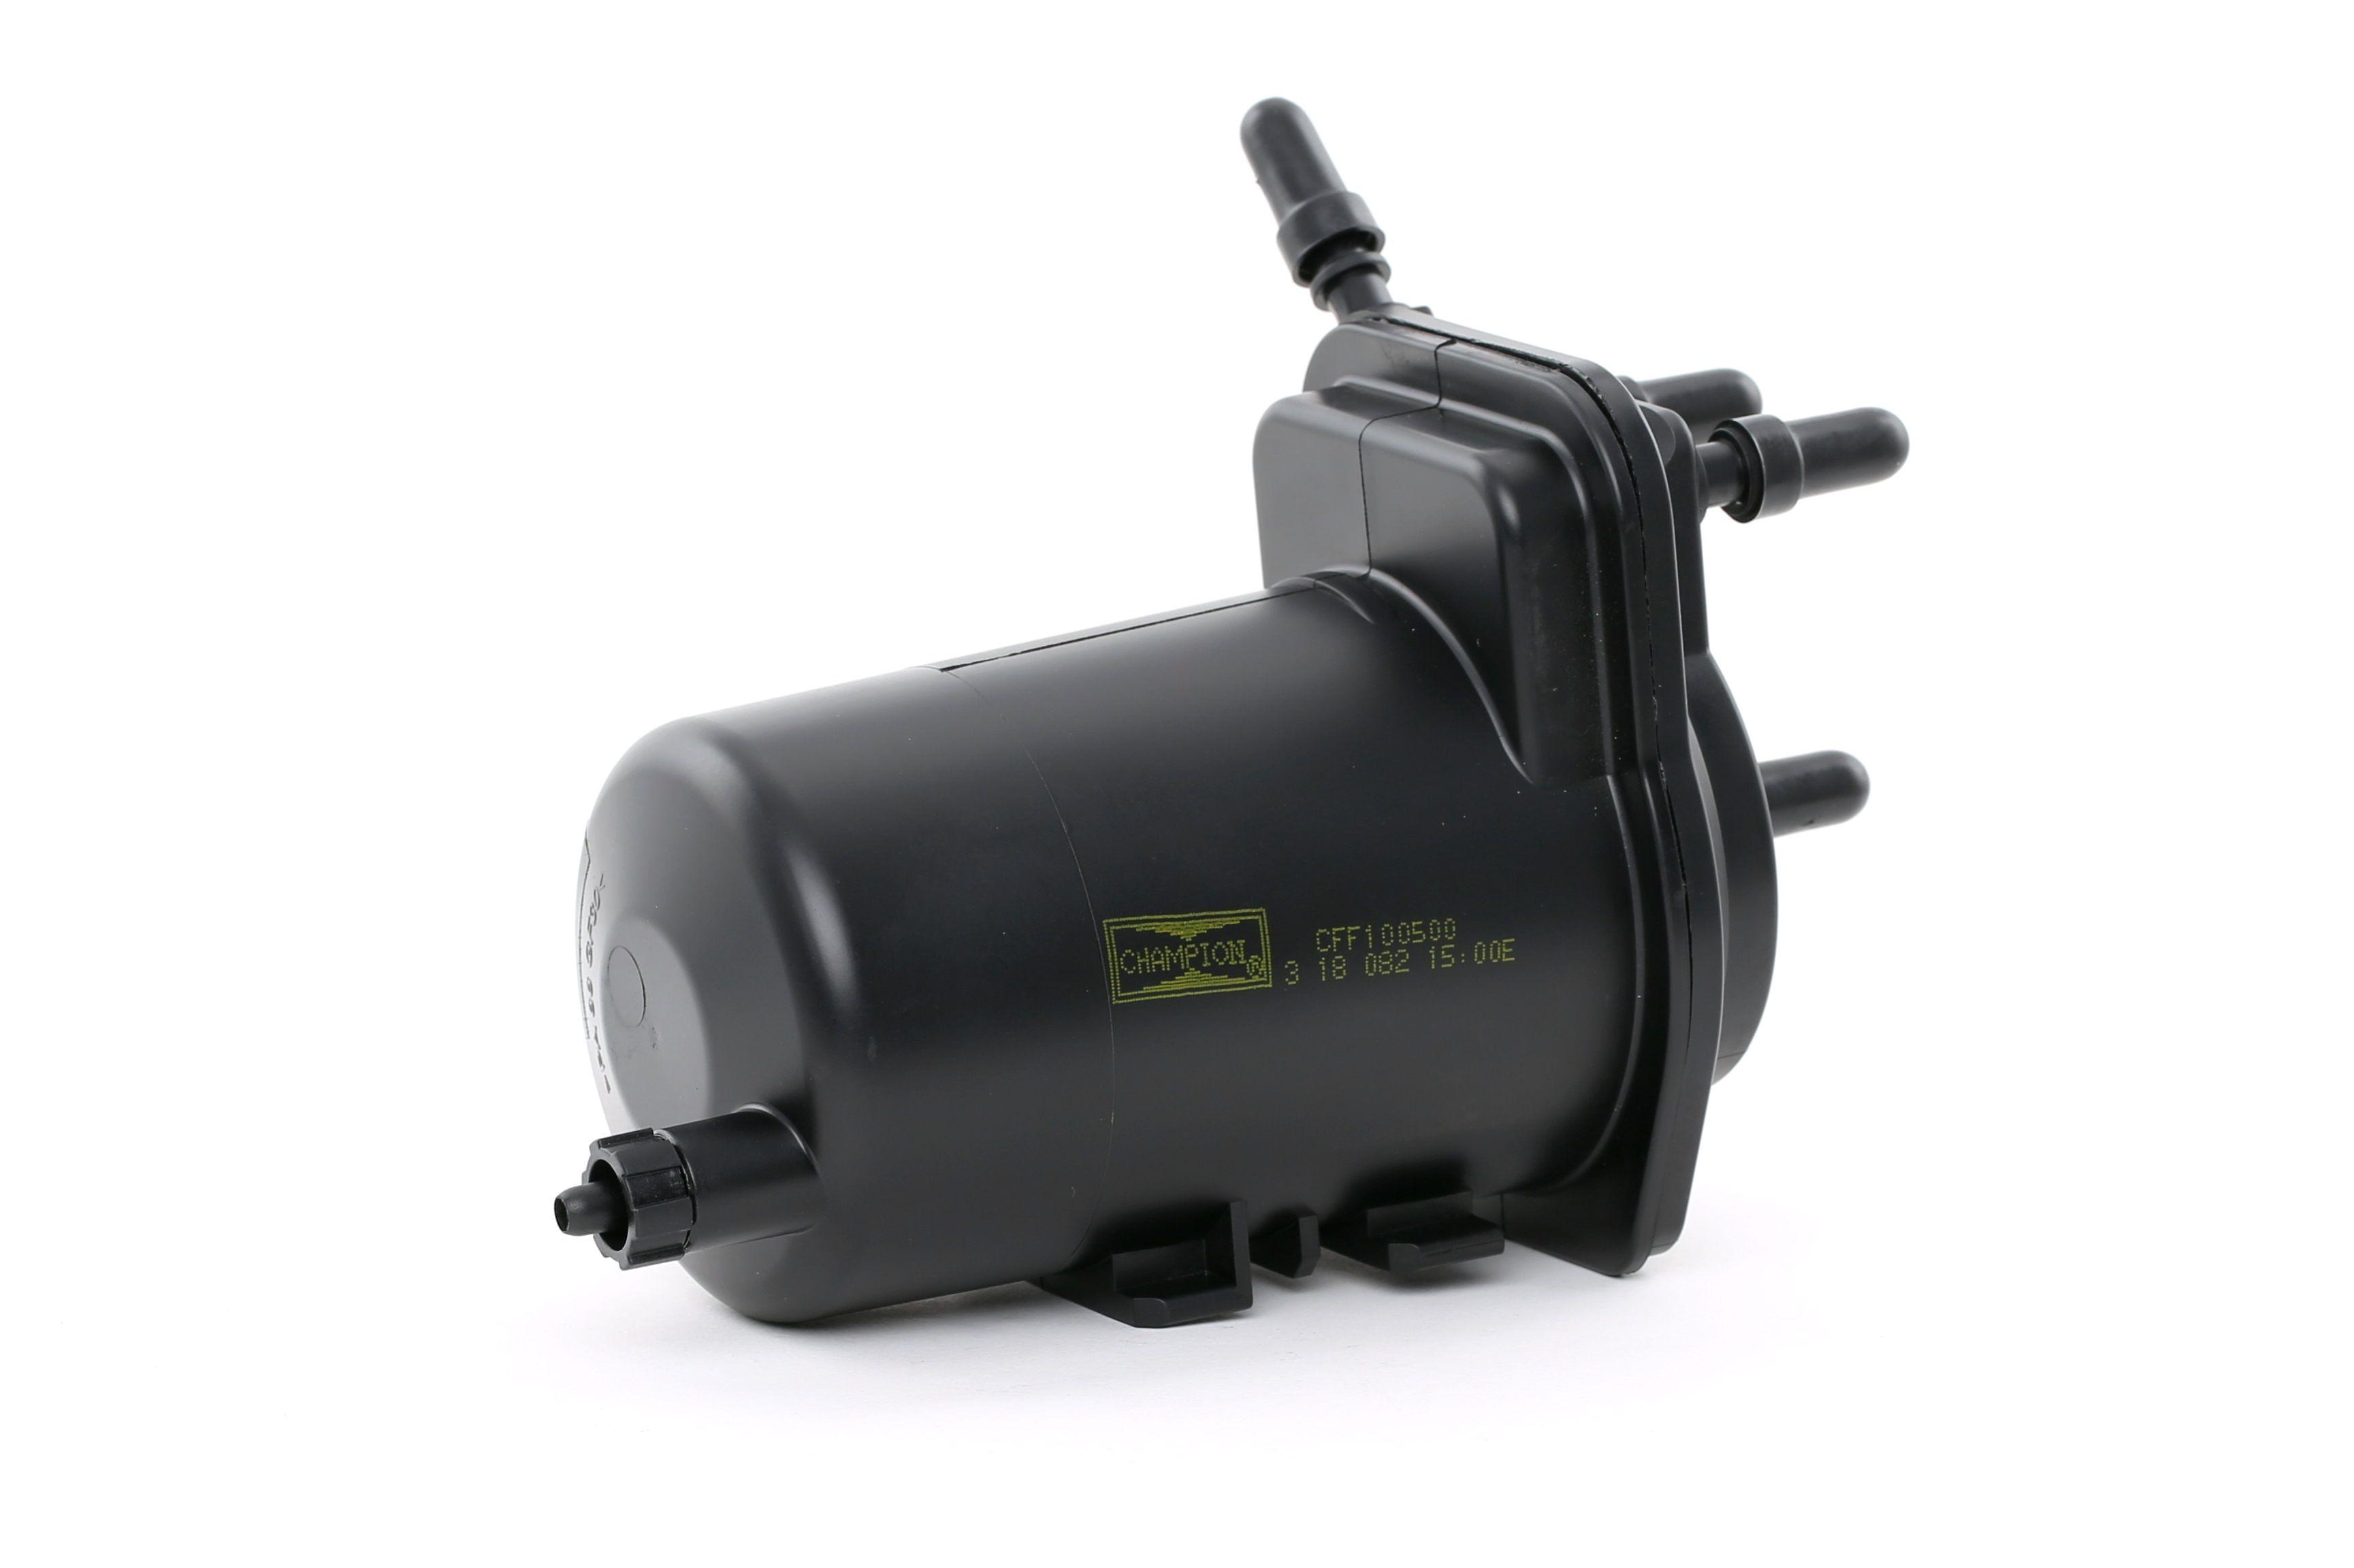 Купете CFF100500 CHAMPION без връзка за сензор за вода, проточен филтър височина: 194мм Горивен филтър CFF100500 евтино